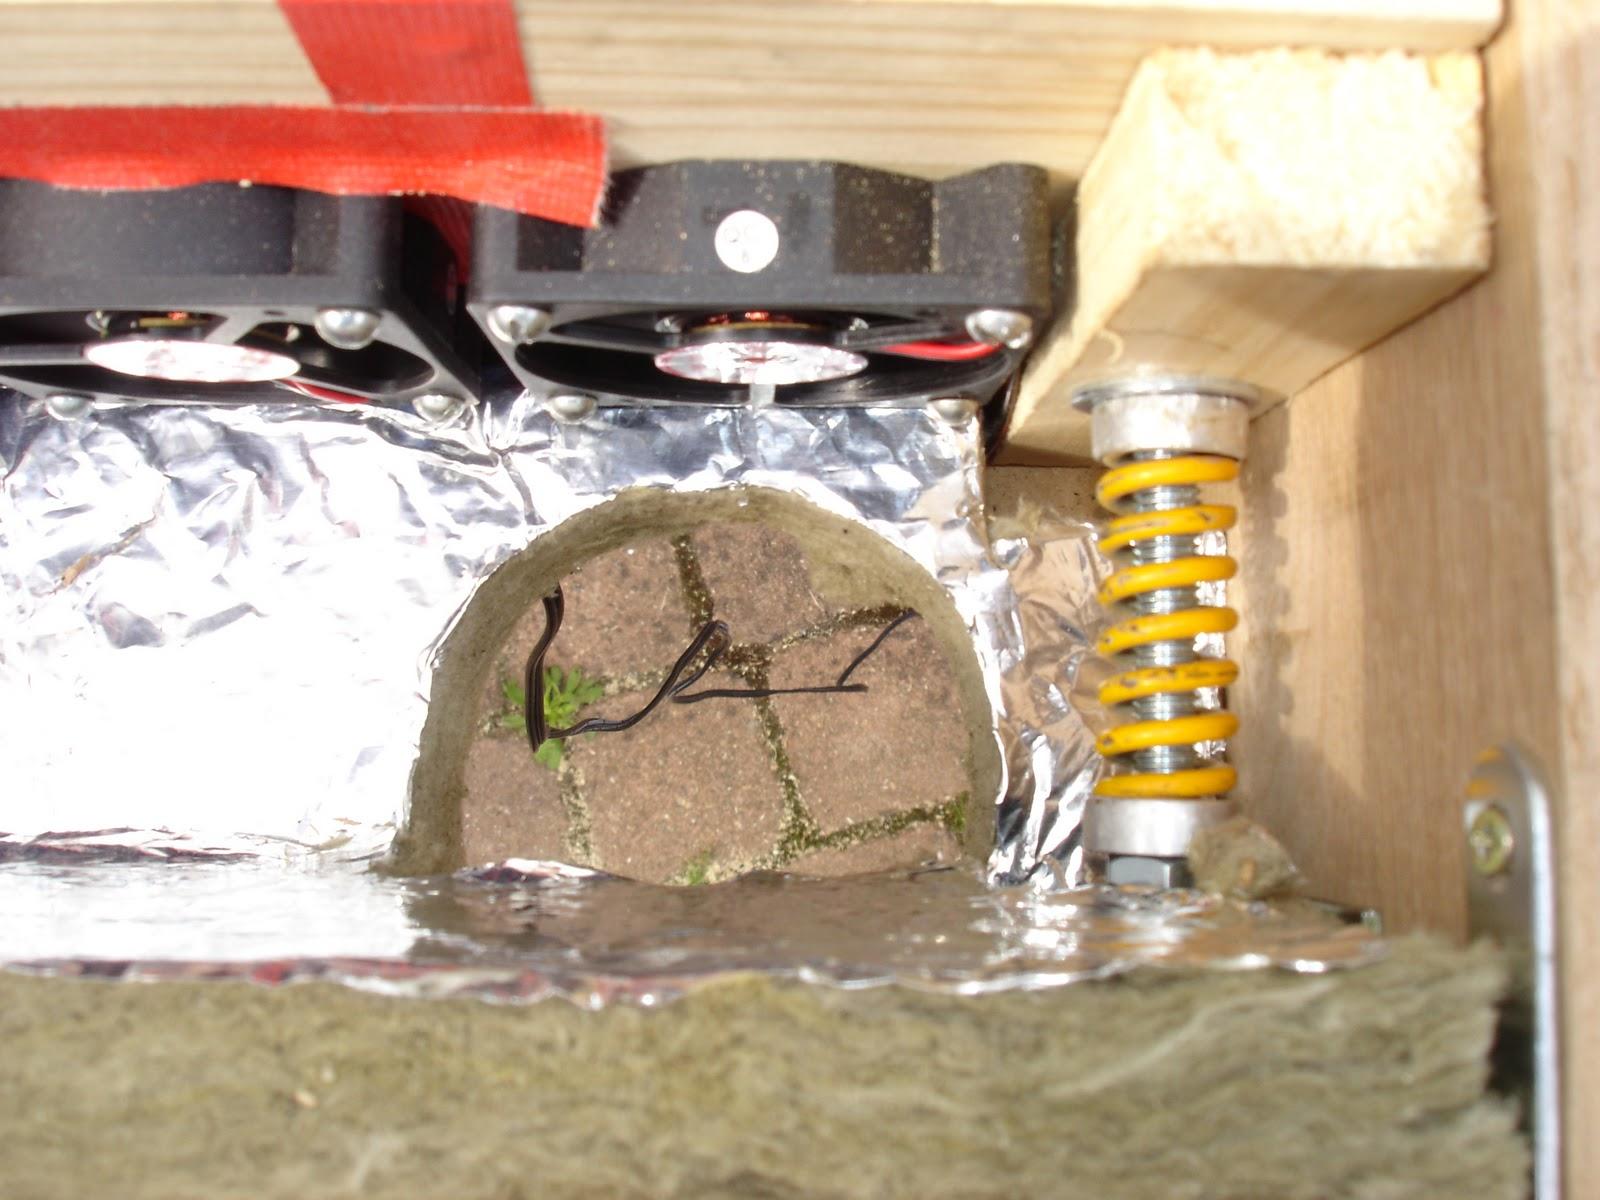 la famille créative: panneau solaire en canettes - Fabriquer Une Vmc Double Flux Fait Maison